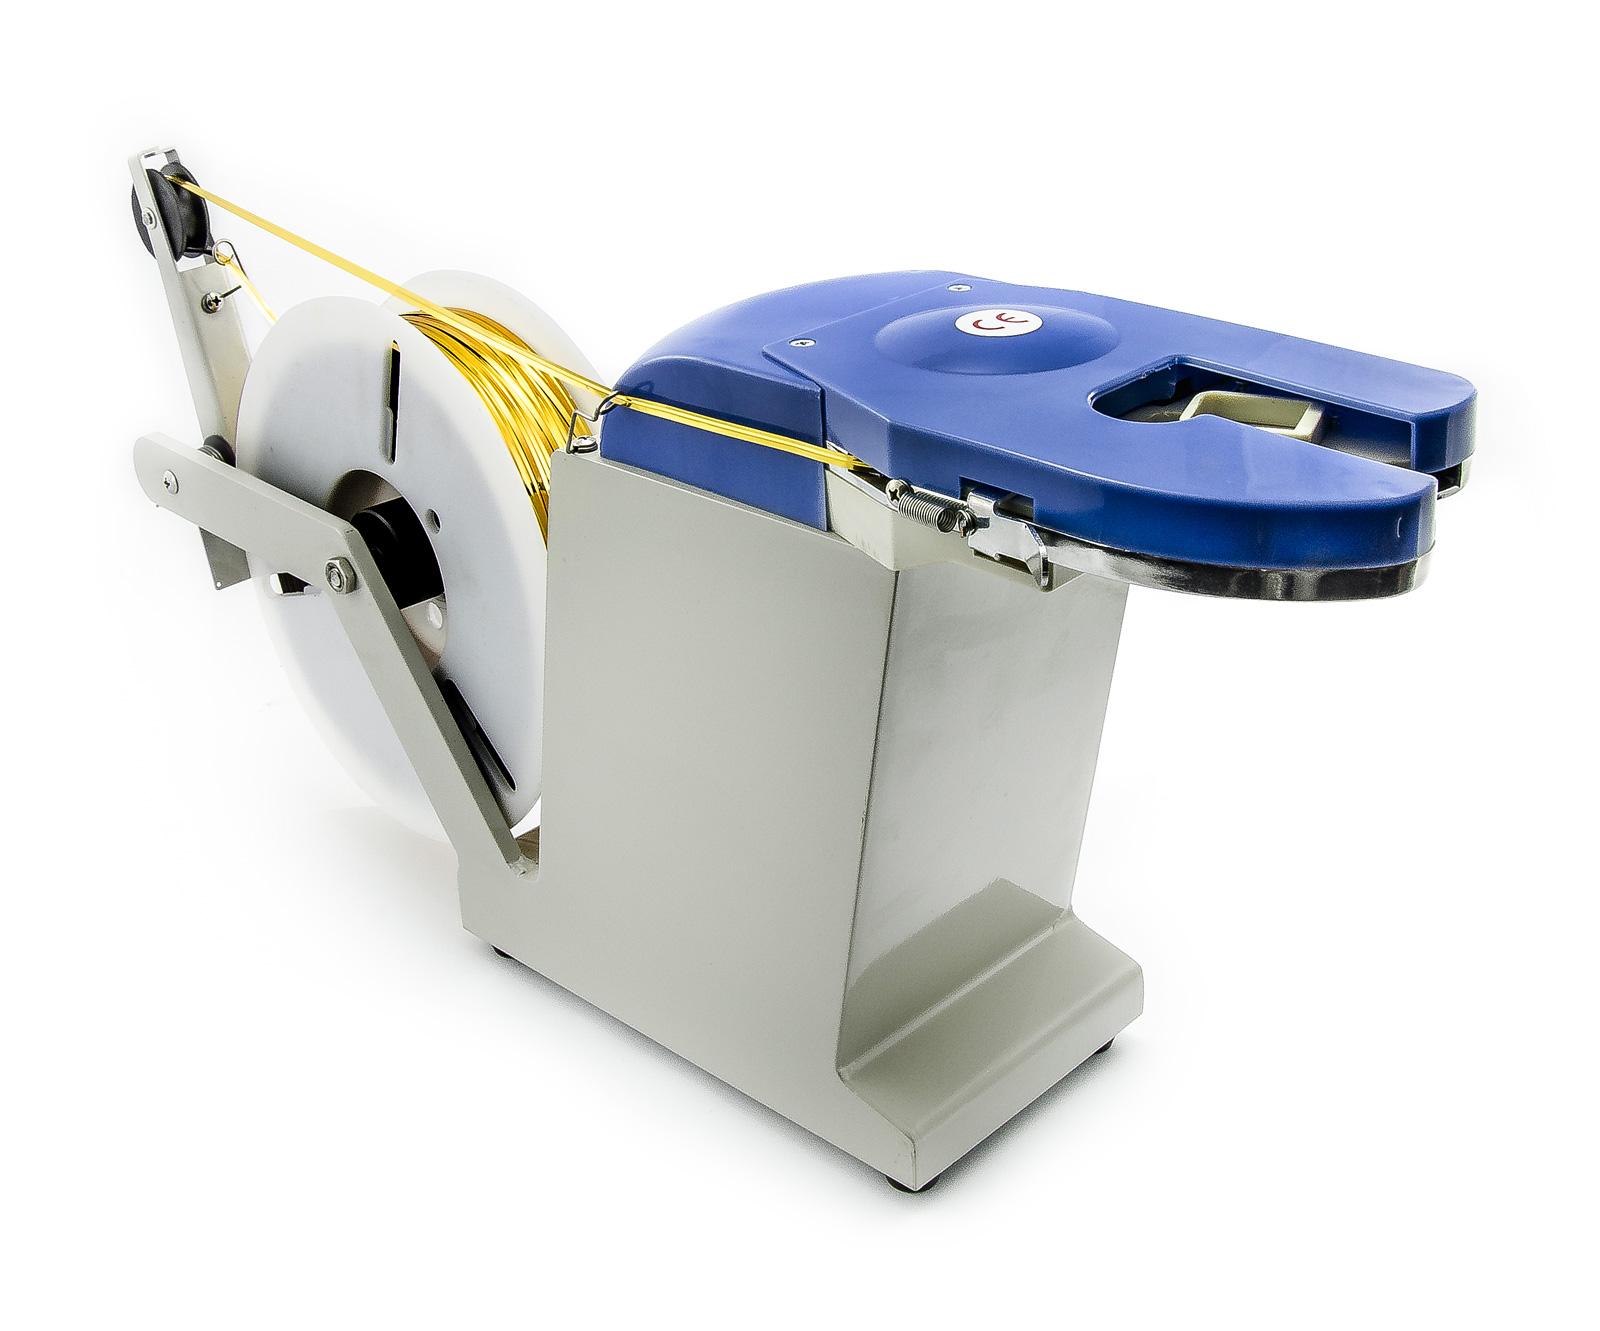 Vázačka (drátovačka) pro uzavírání pytlů a sáčků na twistband vázací pásky s drátem